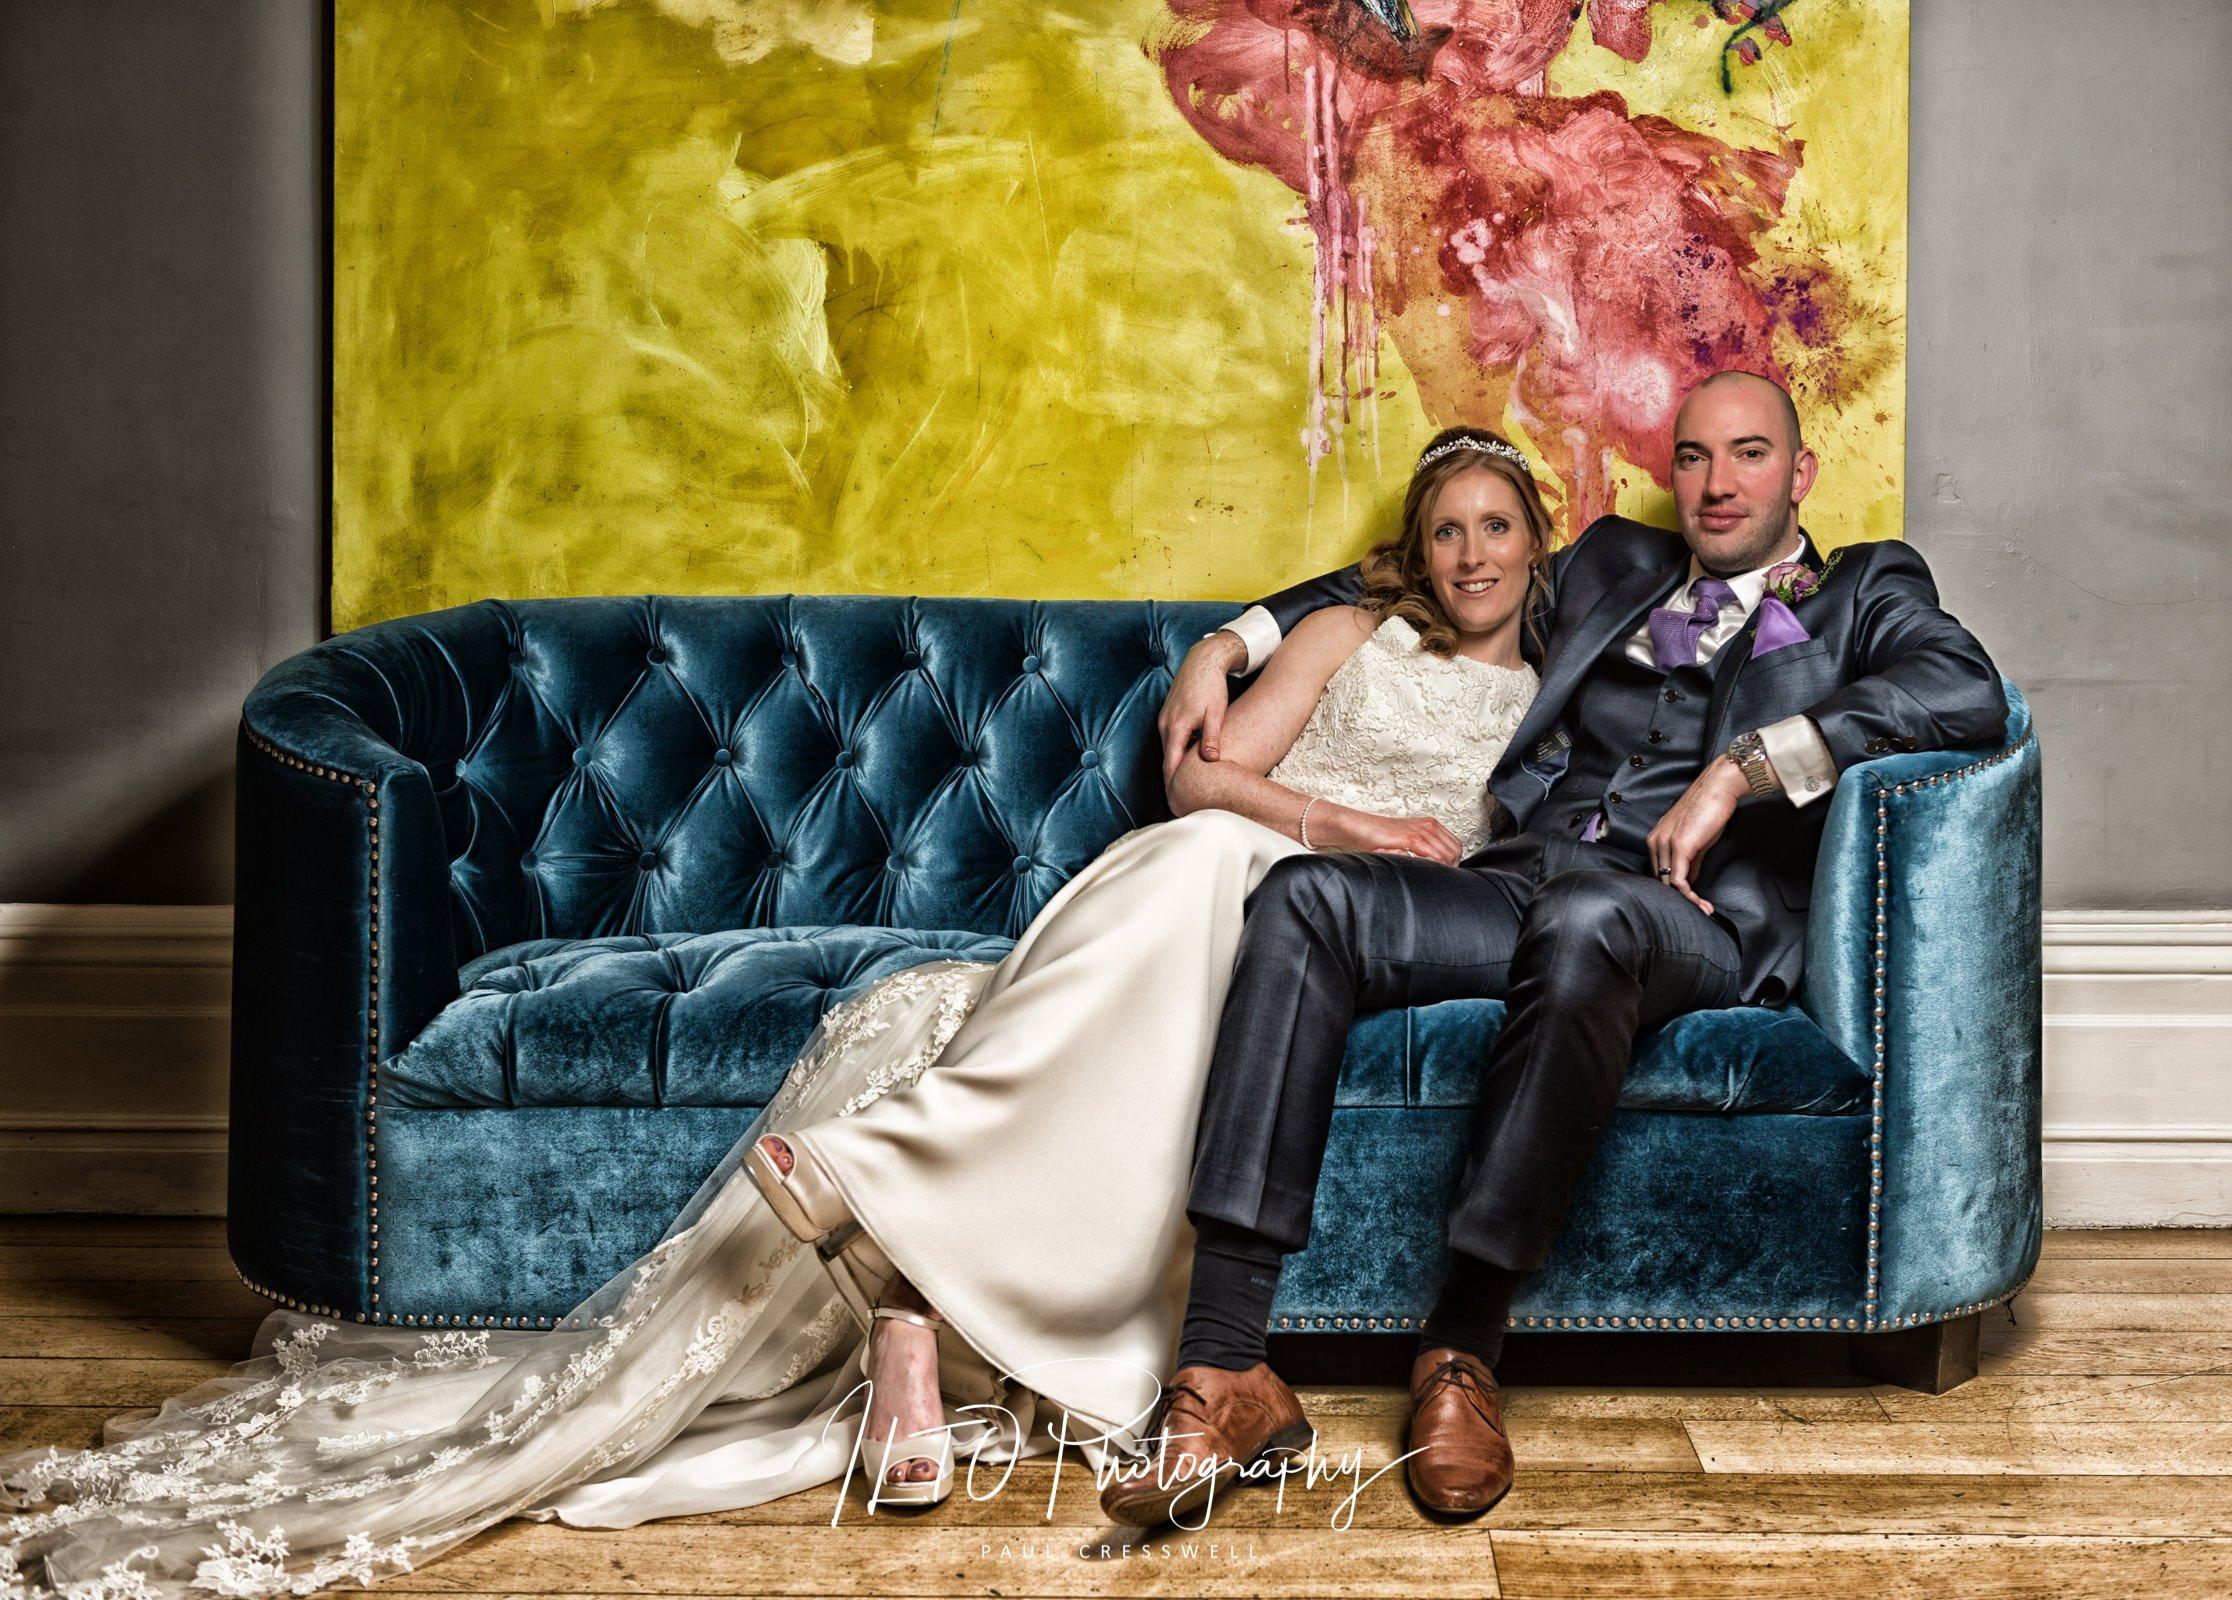 Woodlands hotel, wedding photo